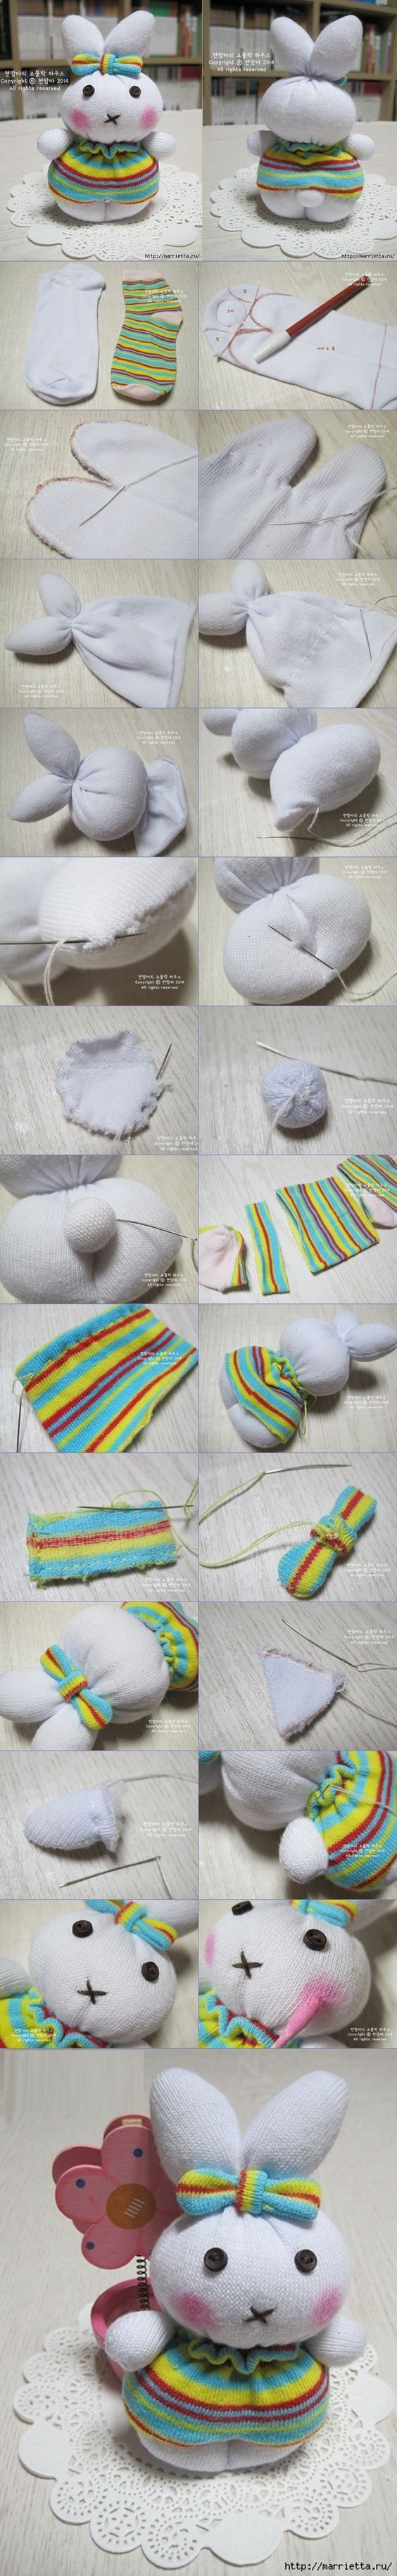 Çoraptan Oyuncak Modelleri ve Yapımı                                                                                                                                                                                 More